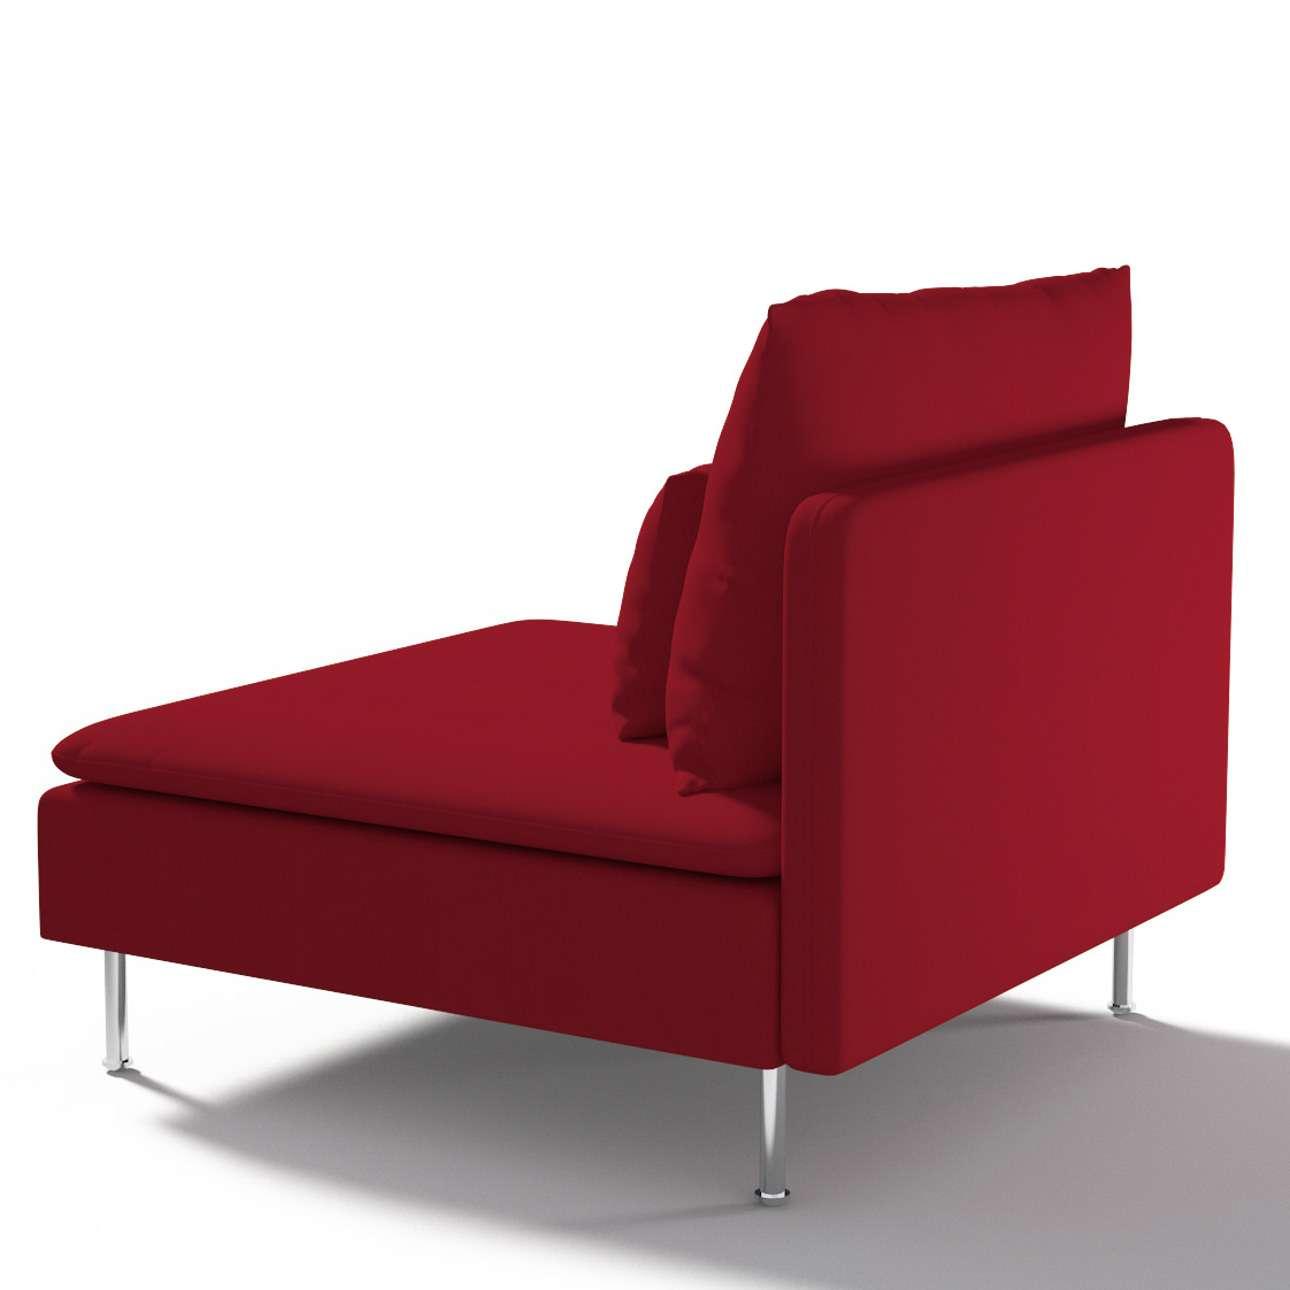 Söderhamn Bezug für Sitzelement 1 Sitzelement 1 von der Kollektion Chenille , Stoff: 702-24